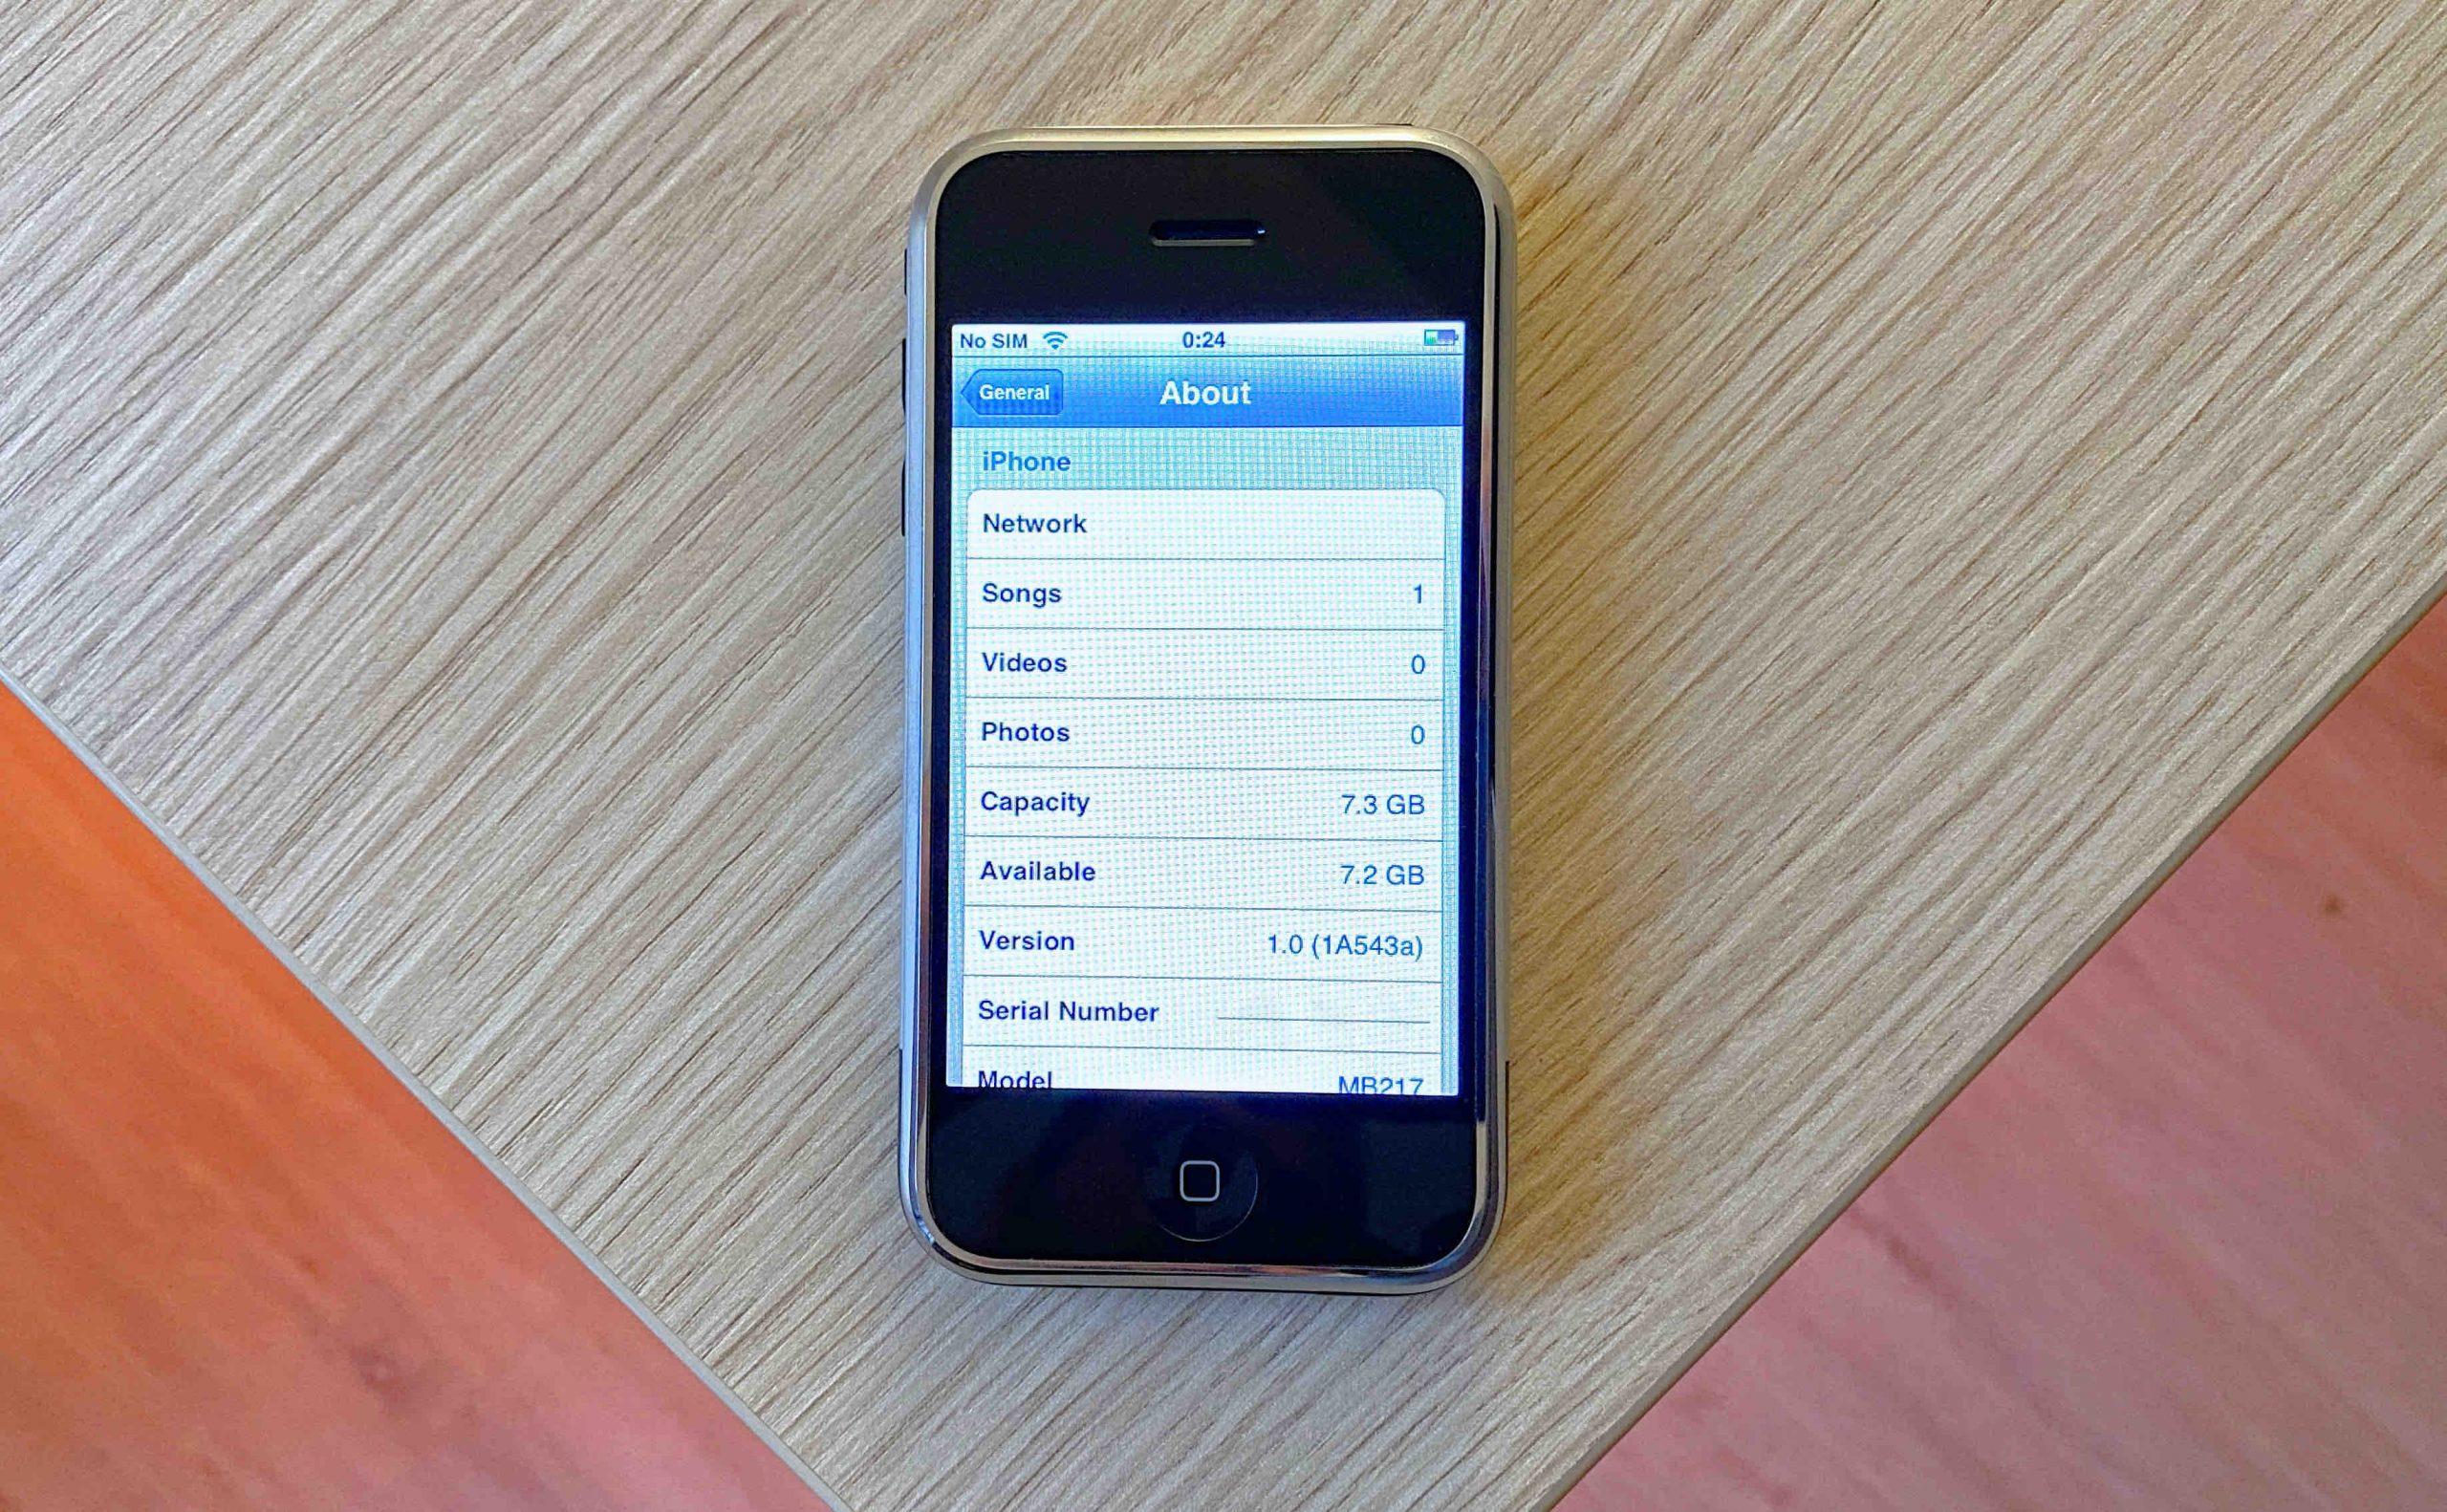 Die_Softwaremisere_Funktion_vor_Fehlerbeseitigung_iPhone_Classic_iOS_Kolumne_Artikelbild-scaled Die Softwaremisere - Funktion vor Fehlerbeseitigung